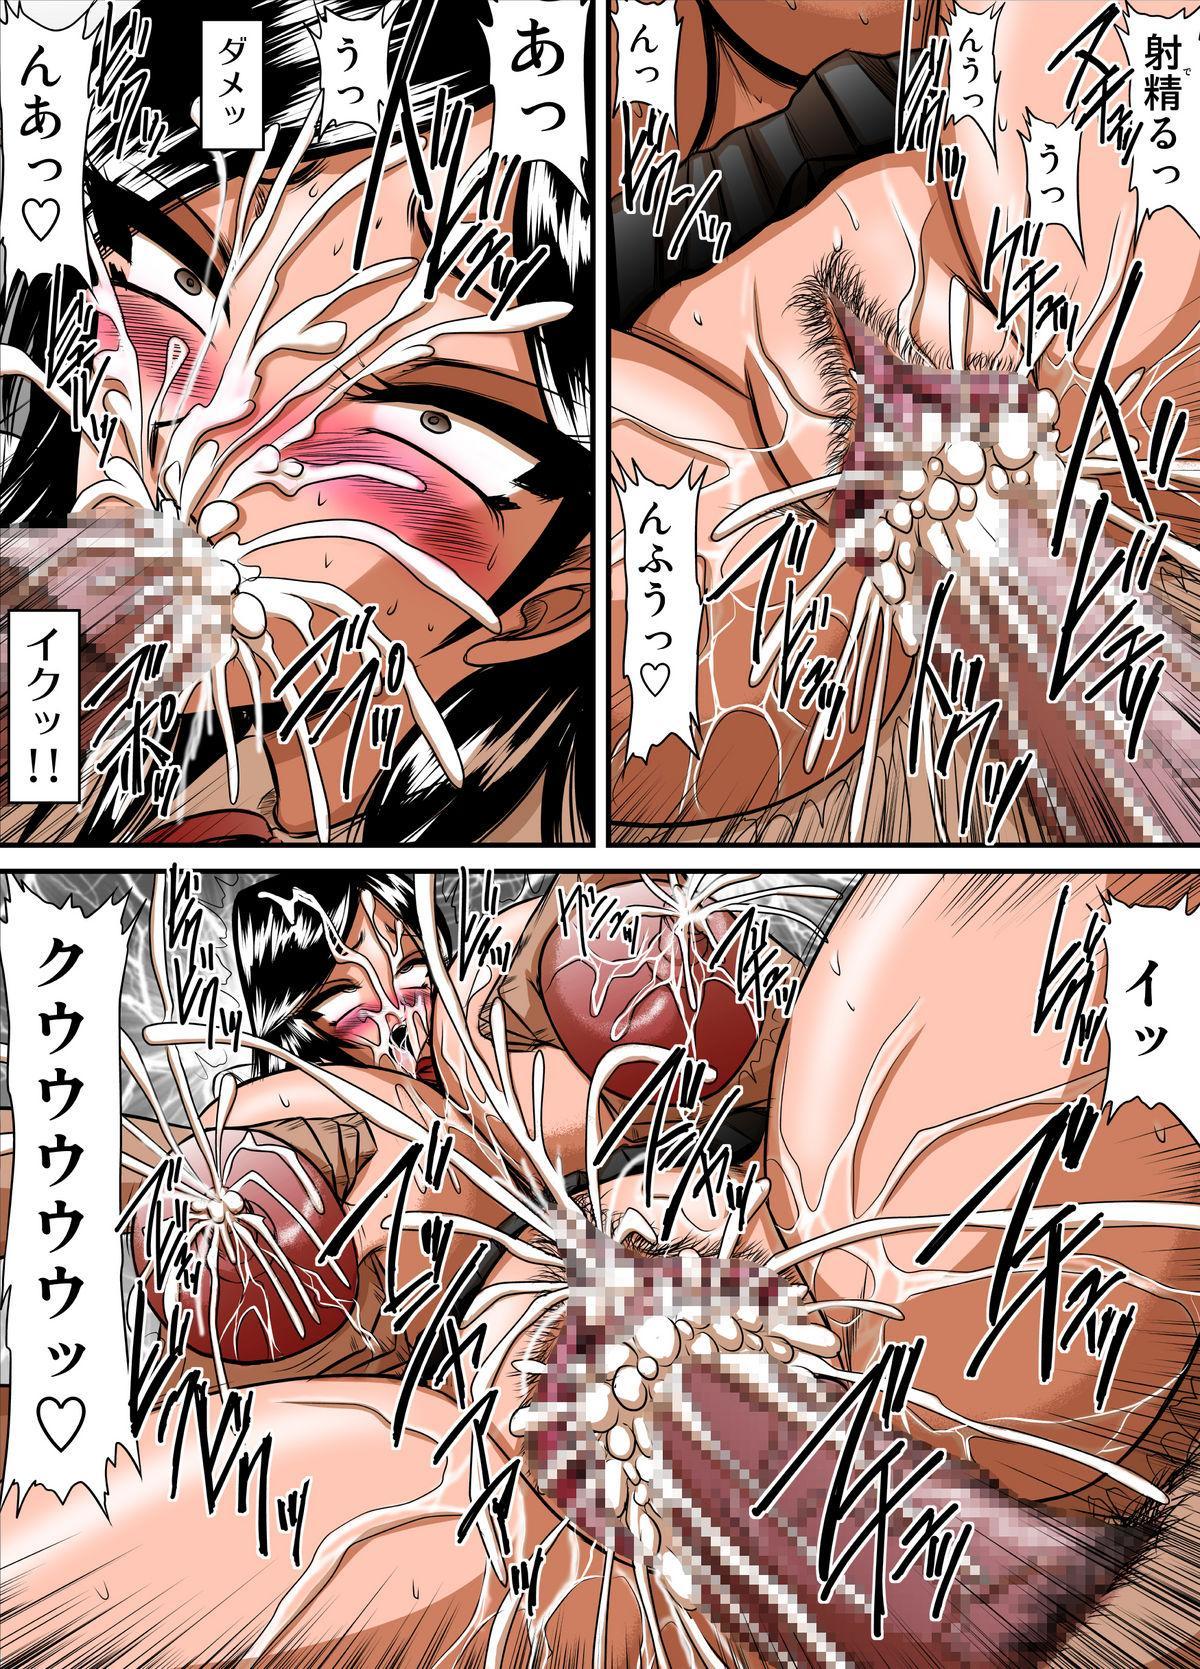 Yoru no Iinchou to Kanojo no Ana 5 Color Ban 4